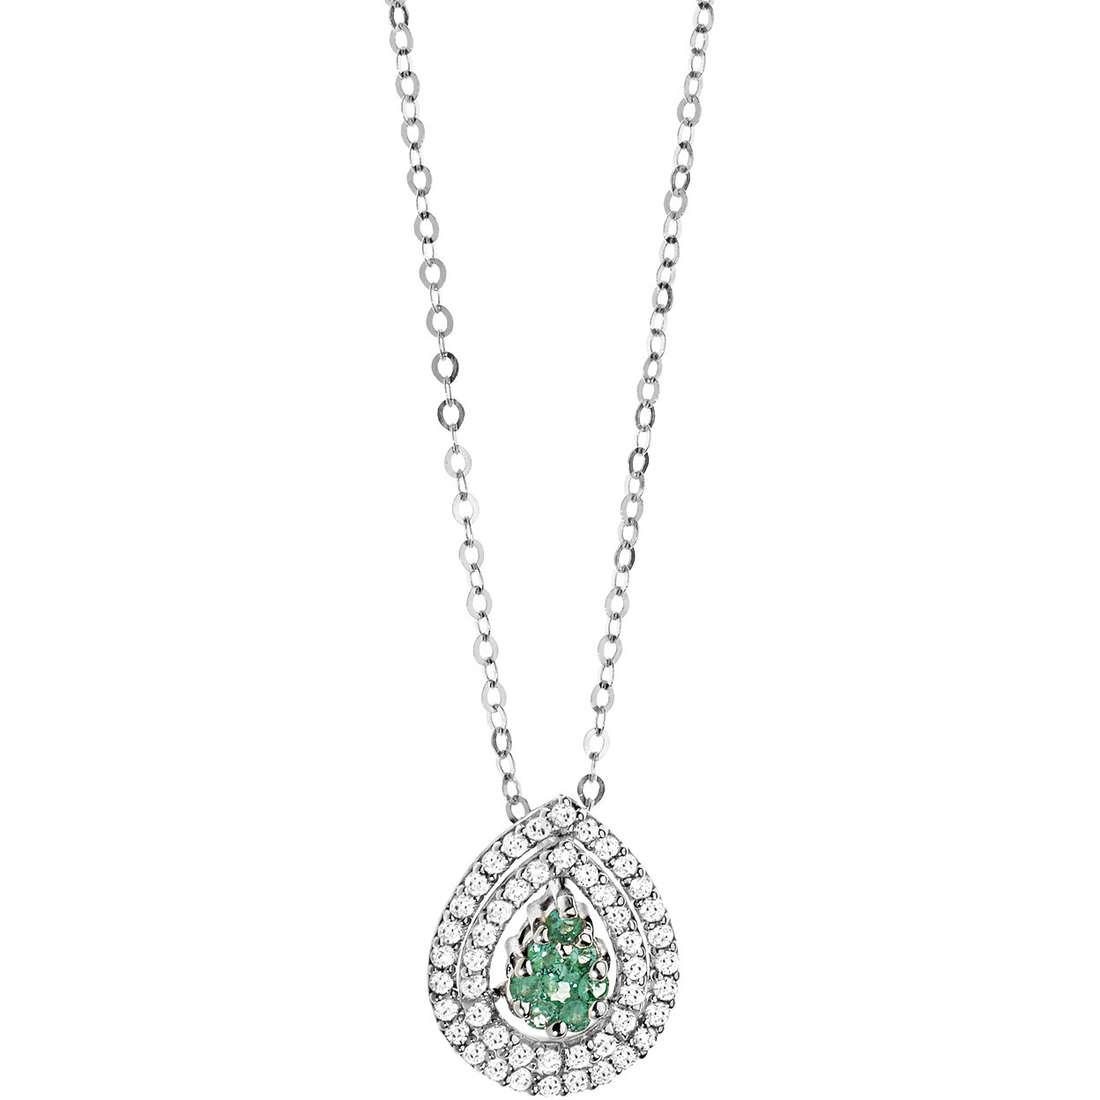 collana donna gioielli Comete Pietre preziose colorate GLB 953